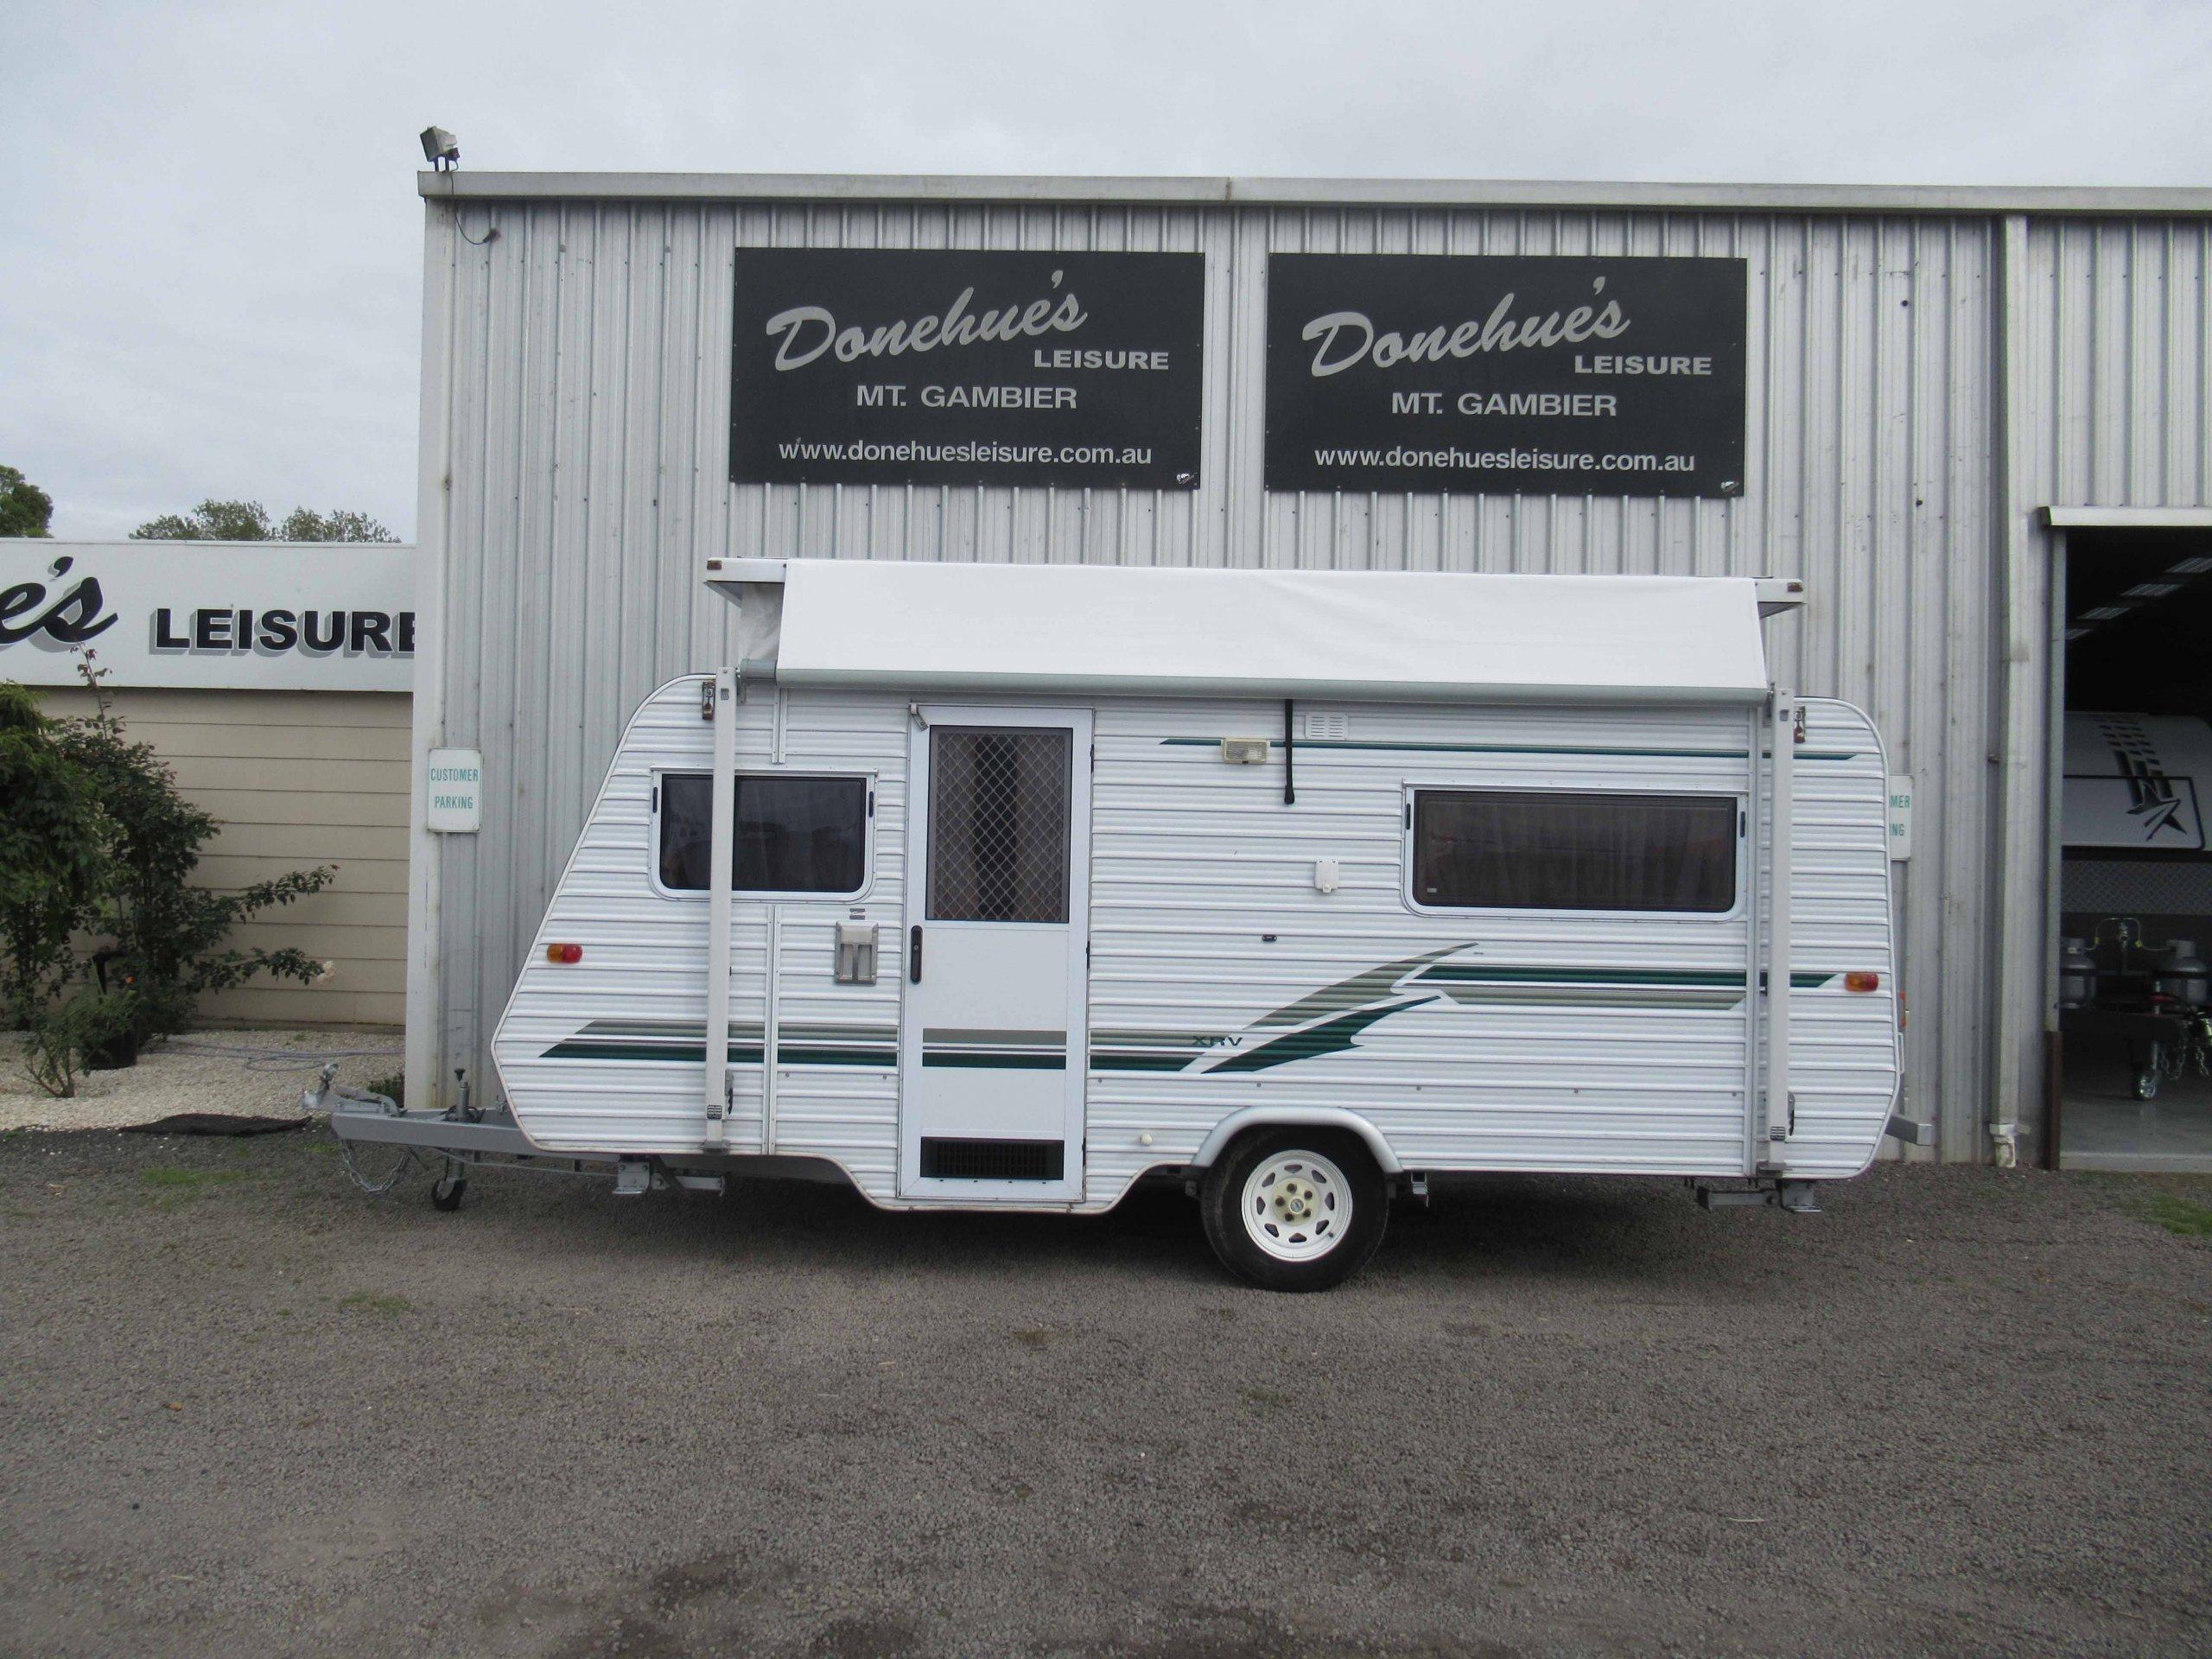 Donehues Leisure Used Spaceline Caravan Poptop Mt Gambier 21885M 13